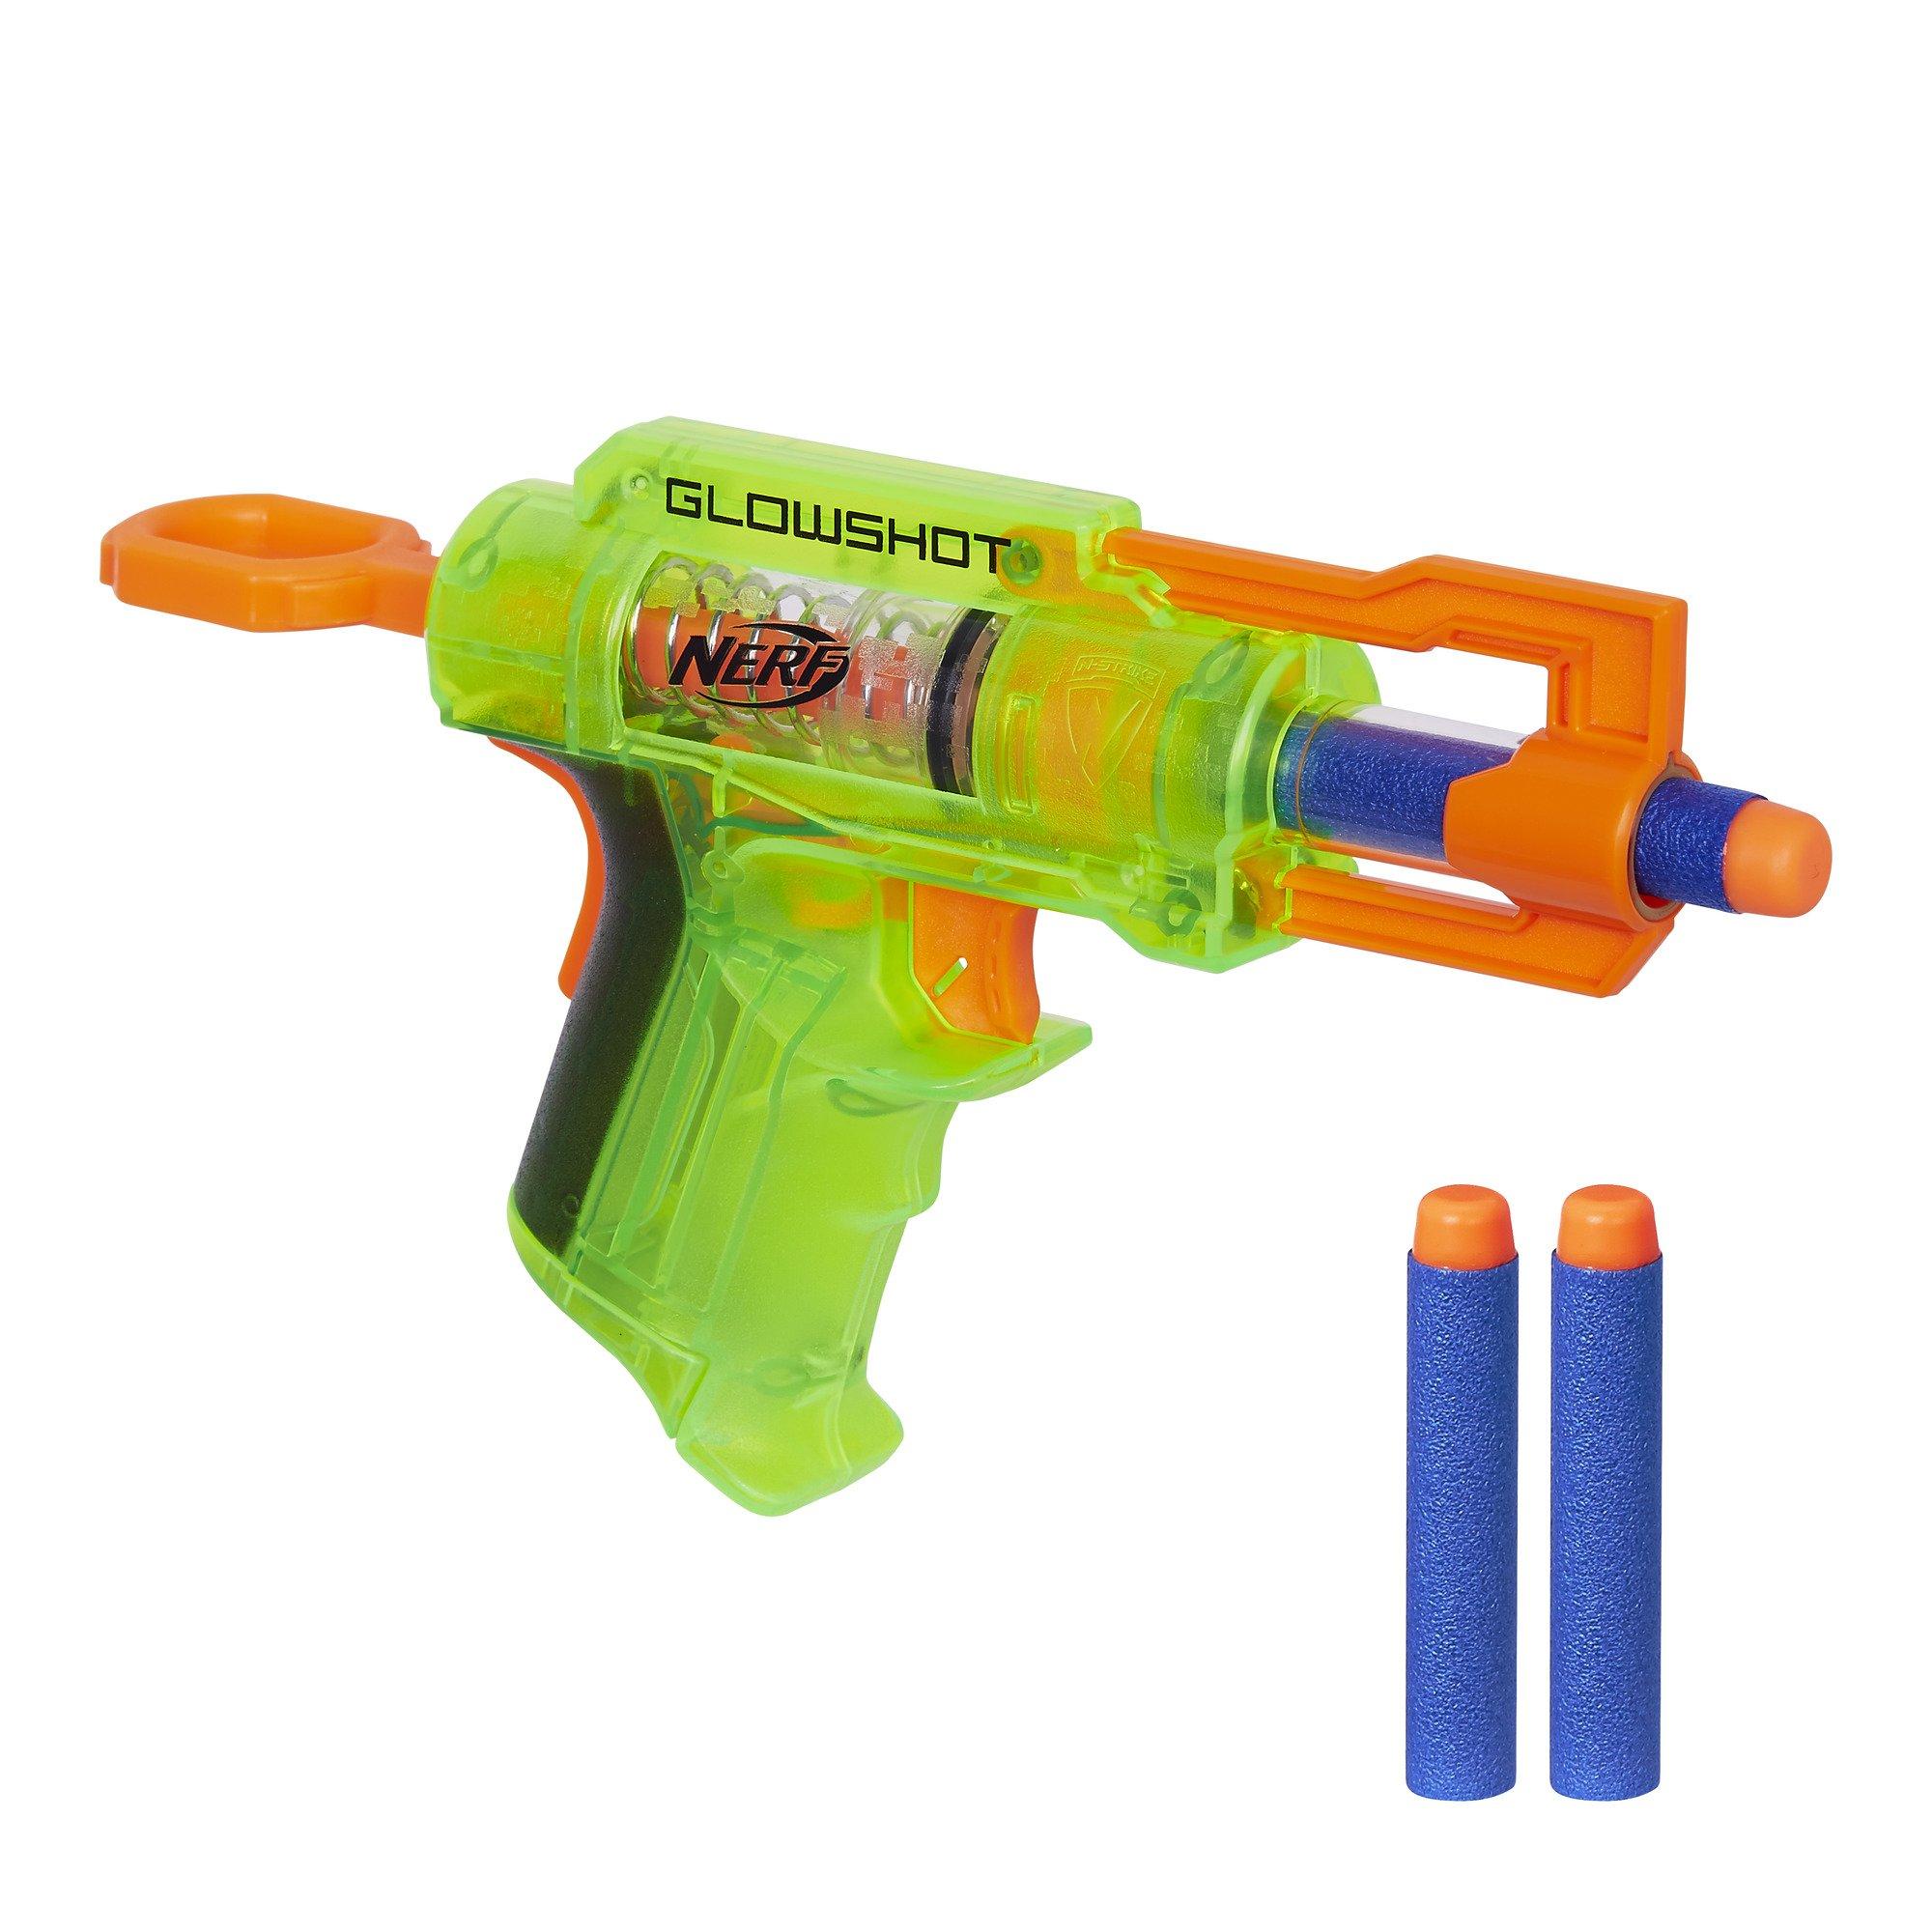 FUN KIDS Nerf Gun With LIGHTS Toy 3 Darts Nerf N Strike GlowShot Blaster